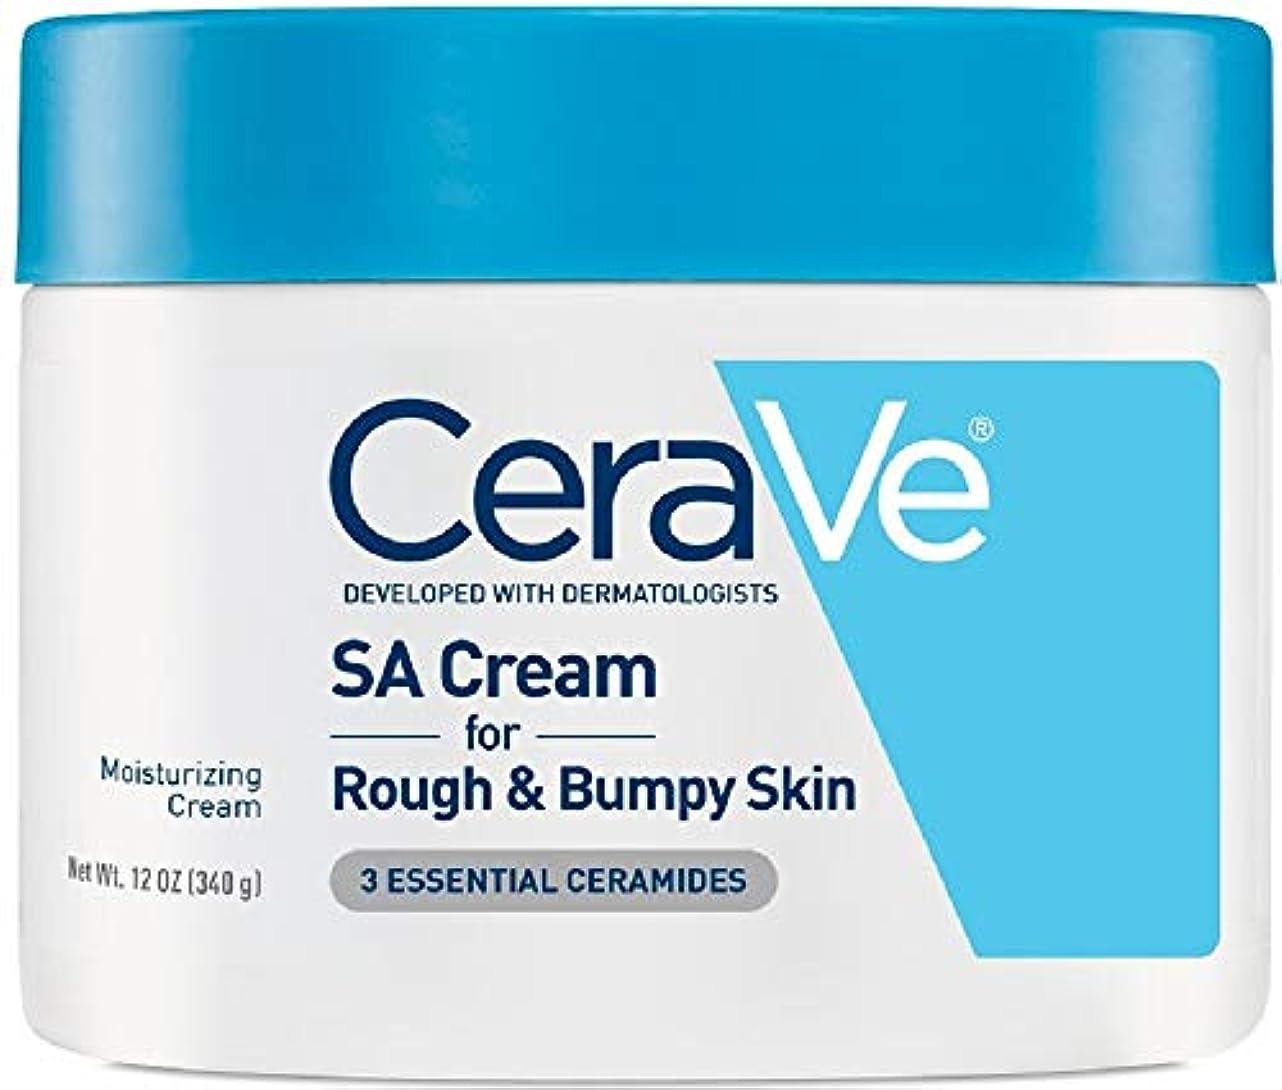 シエスタスリップシューズマイルド海外直送品Cerave CeraVe Renewing SA Cream, 12 oz